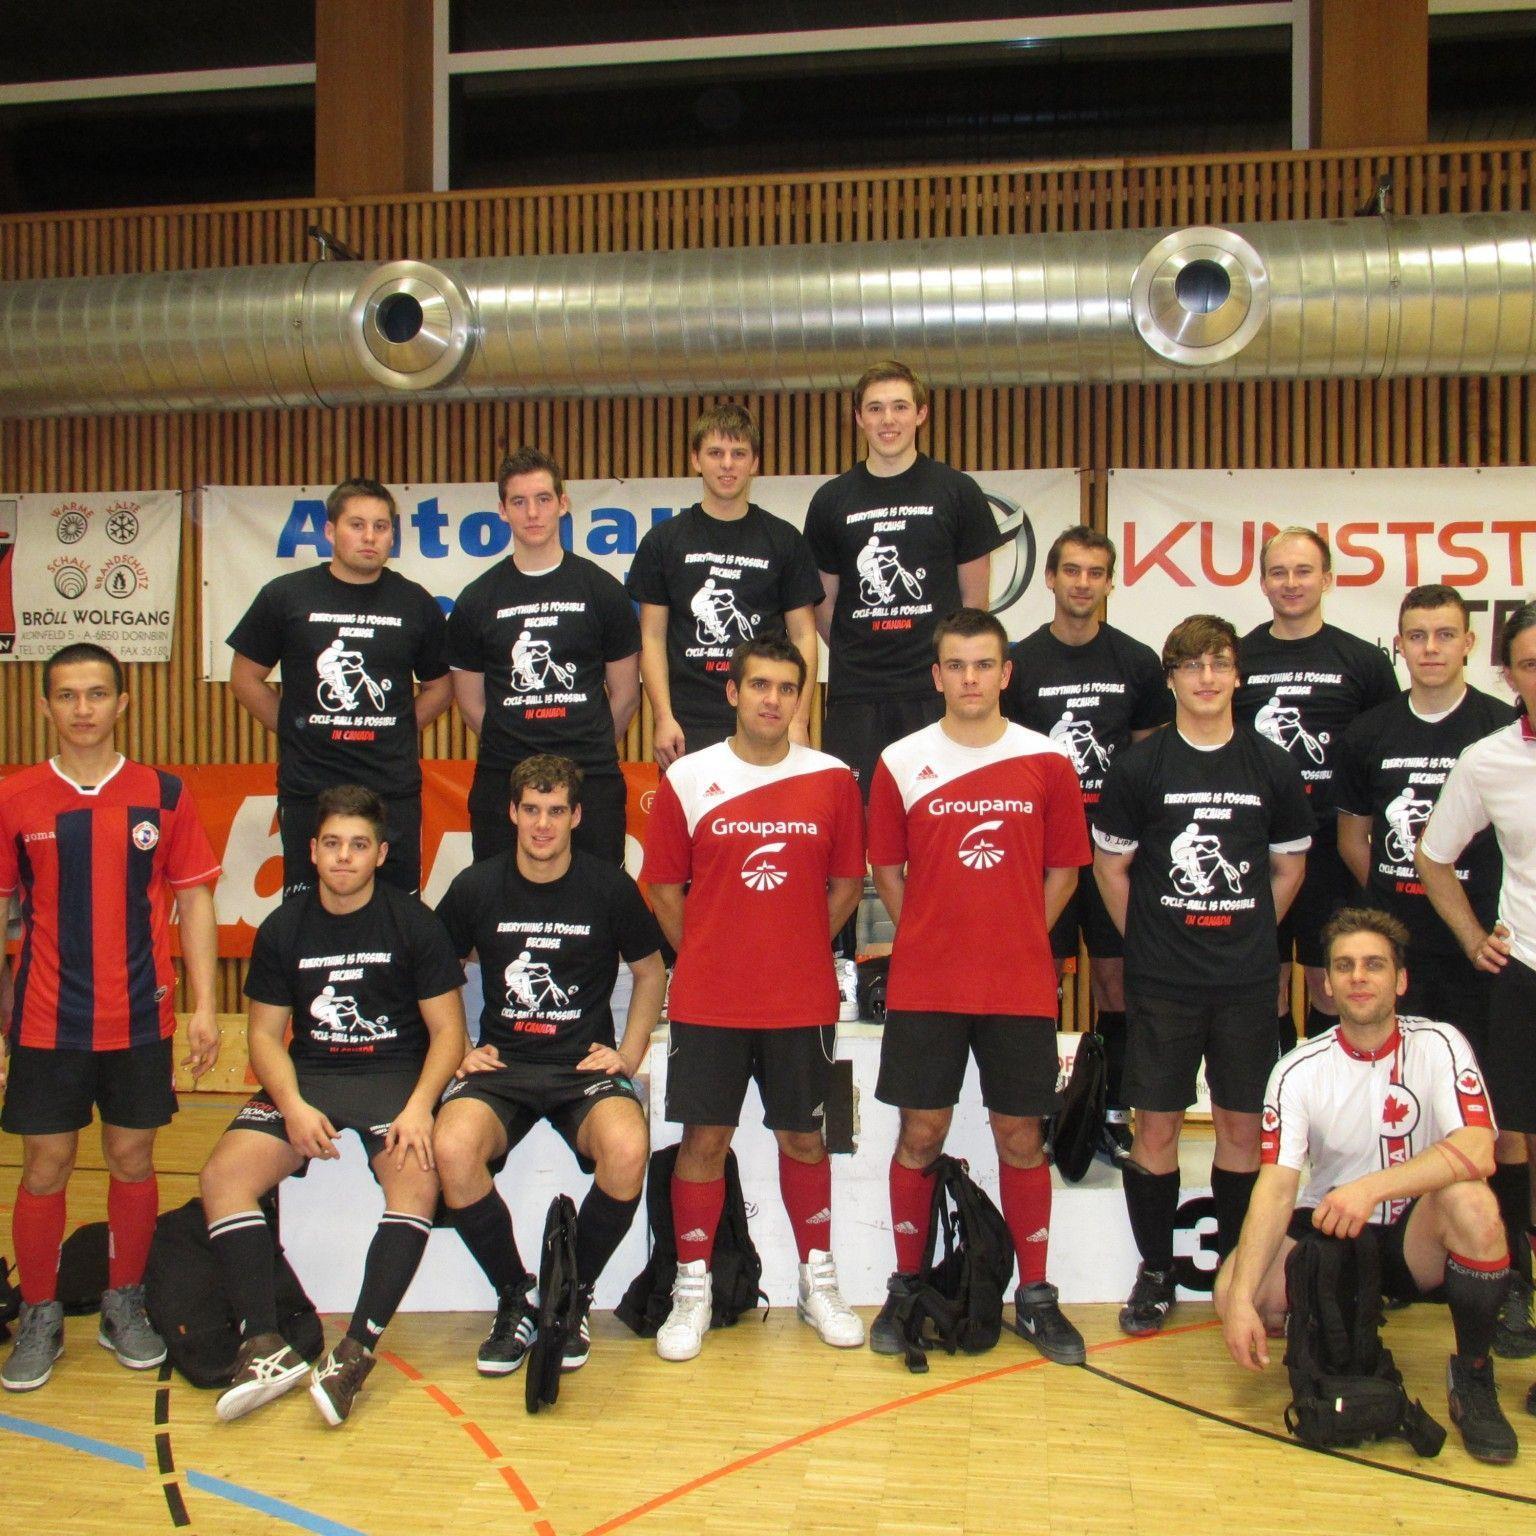 Favoritensiege bei den Radball-Turnieren in der Höchster Rheinauhalle.